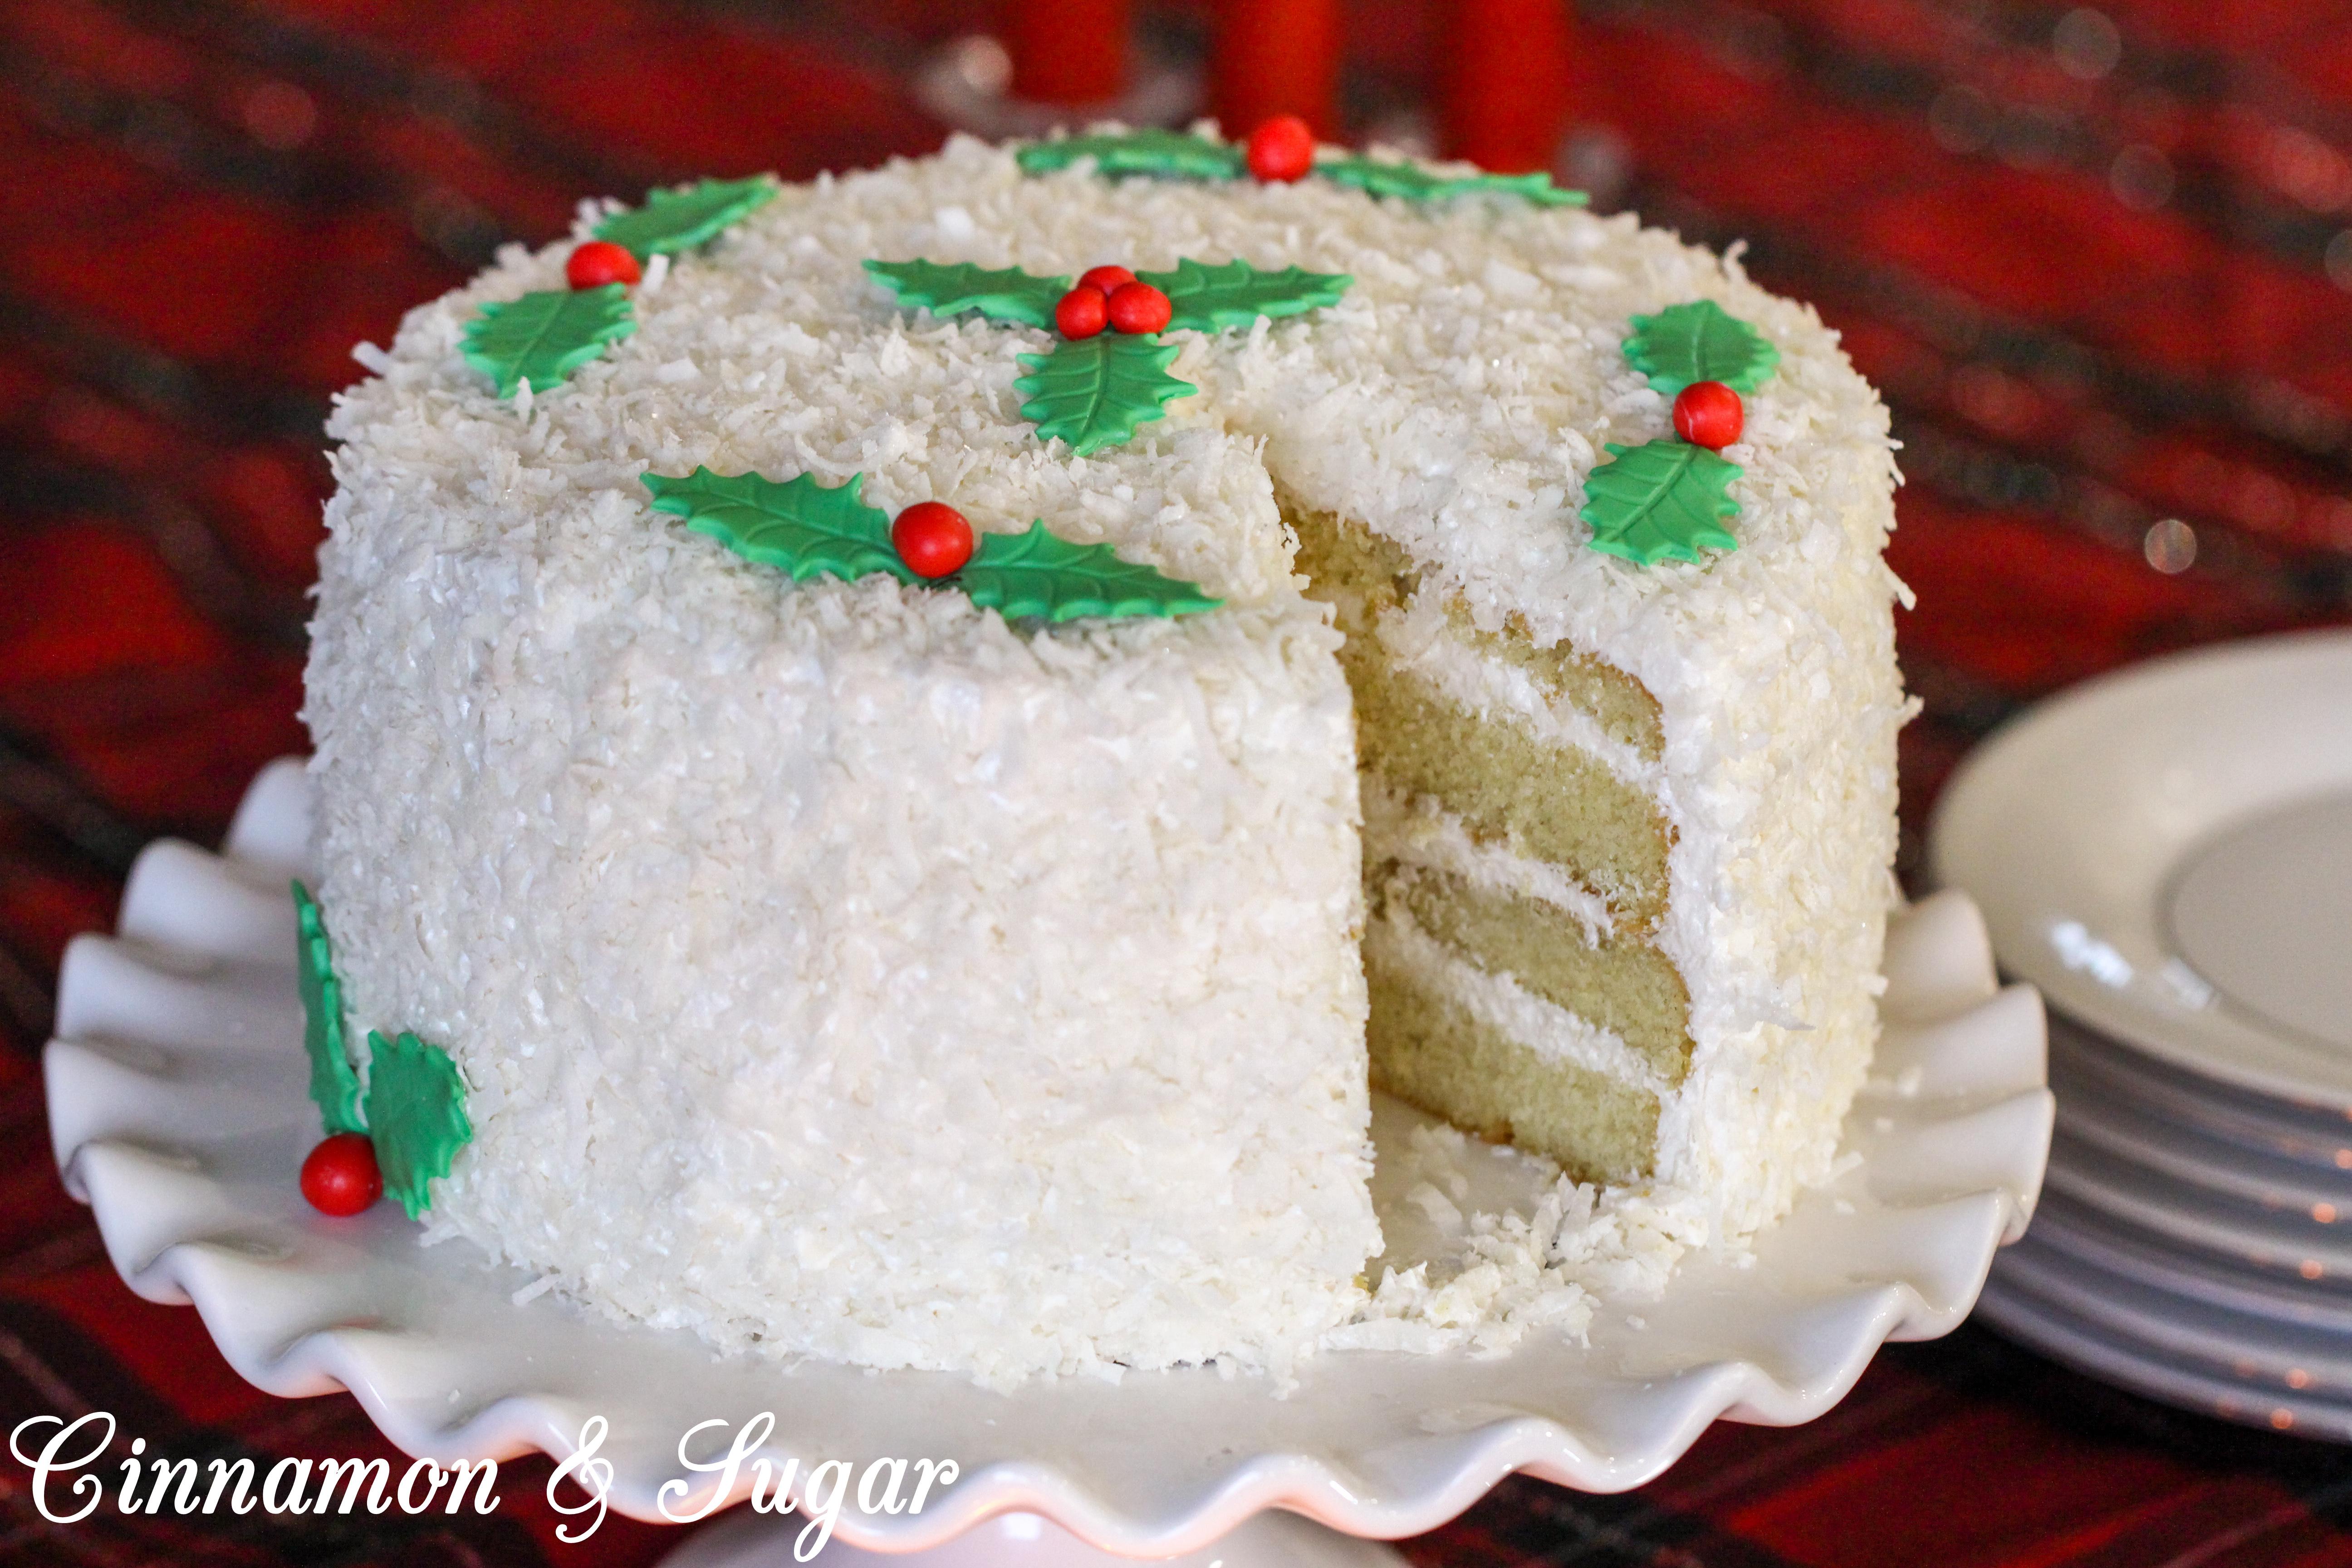 Bella's Old-fashioned Coconut Cake - Cinnamon and Sugar